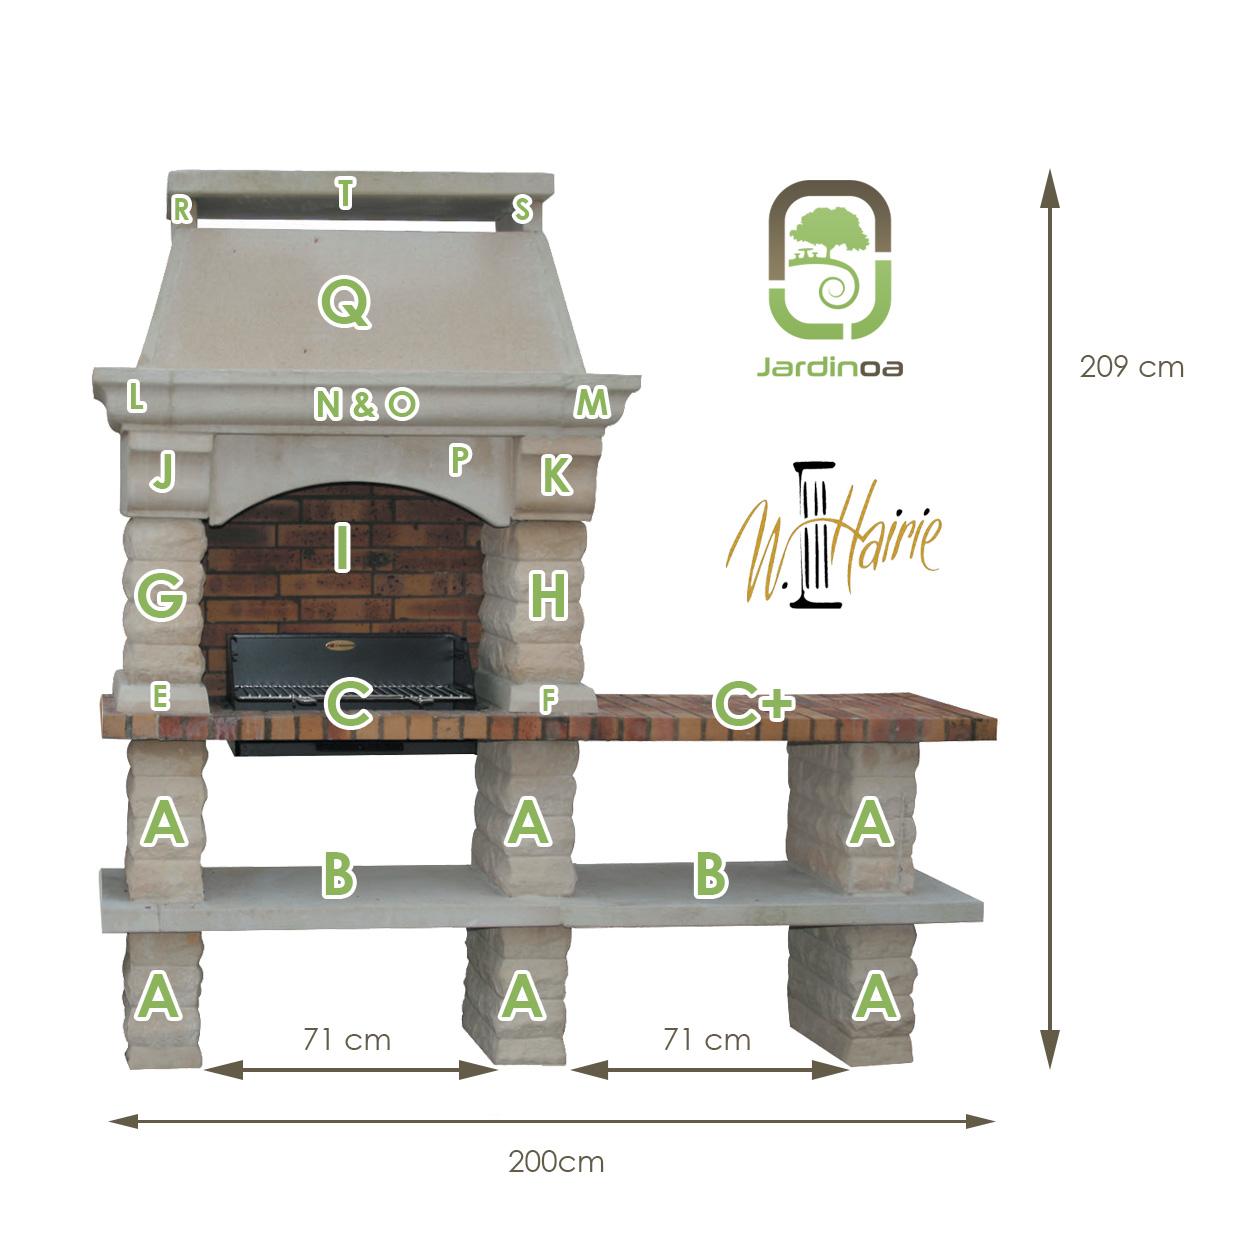 Cotes et nomenclature Barbecue Rustique a une table